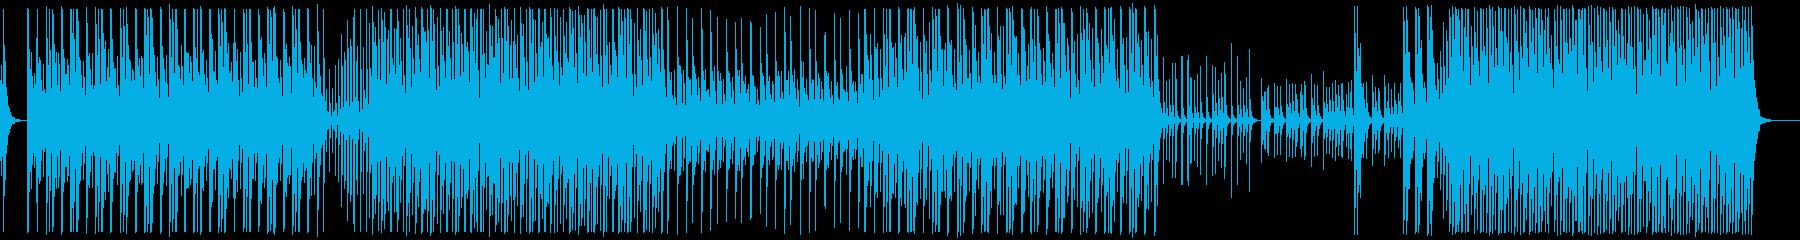 重量感のある力強い和太鼓アンサンブルの再生済みの波形